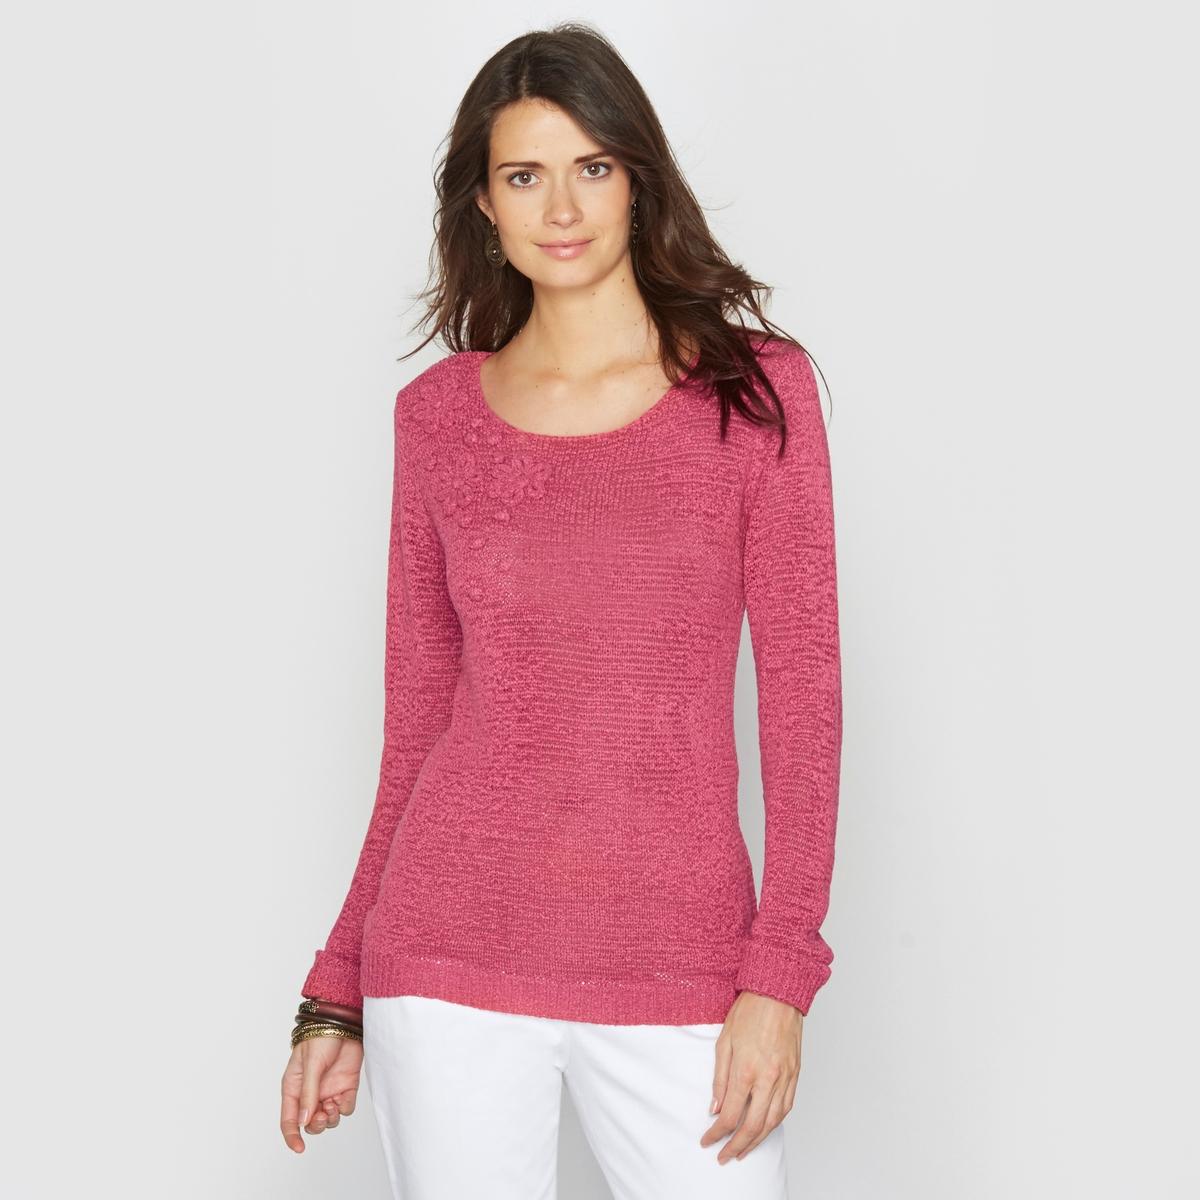 Пуловер из трикотажаПриятный в носке пуловер . Пуловер с круглым вырезом и аппликацией в виде цветов из трикотажа . Состав и описание :Материал : Трикотаж 75% акрила, 25% полиамида .Длина 62 см.Марка : Anne WeyburnУход :Машинная стирка при 30° в умеренном режиме .Гладить при умеренной температуре.<br><br>Цвет: экрю<br>Размер: 50/52 (FR) - 56/58 (RUS)